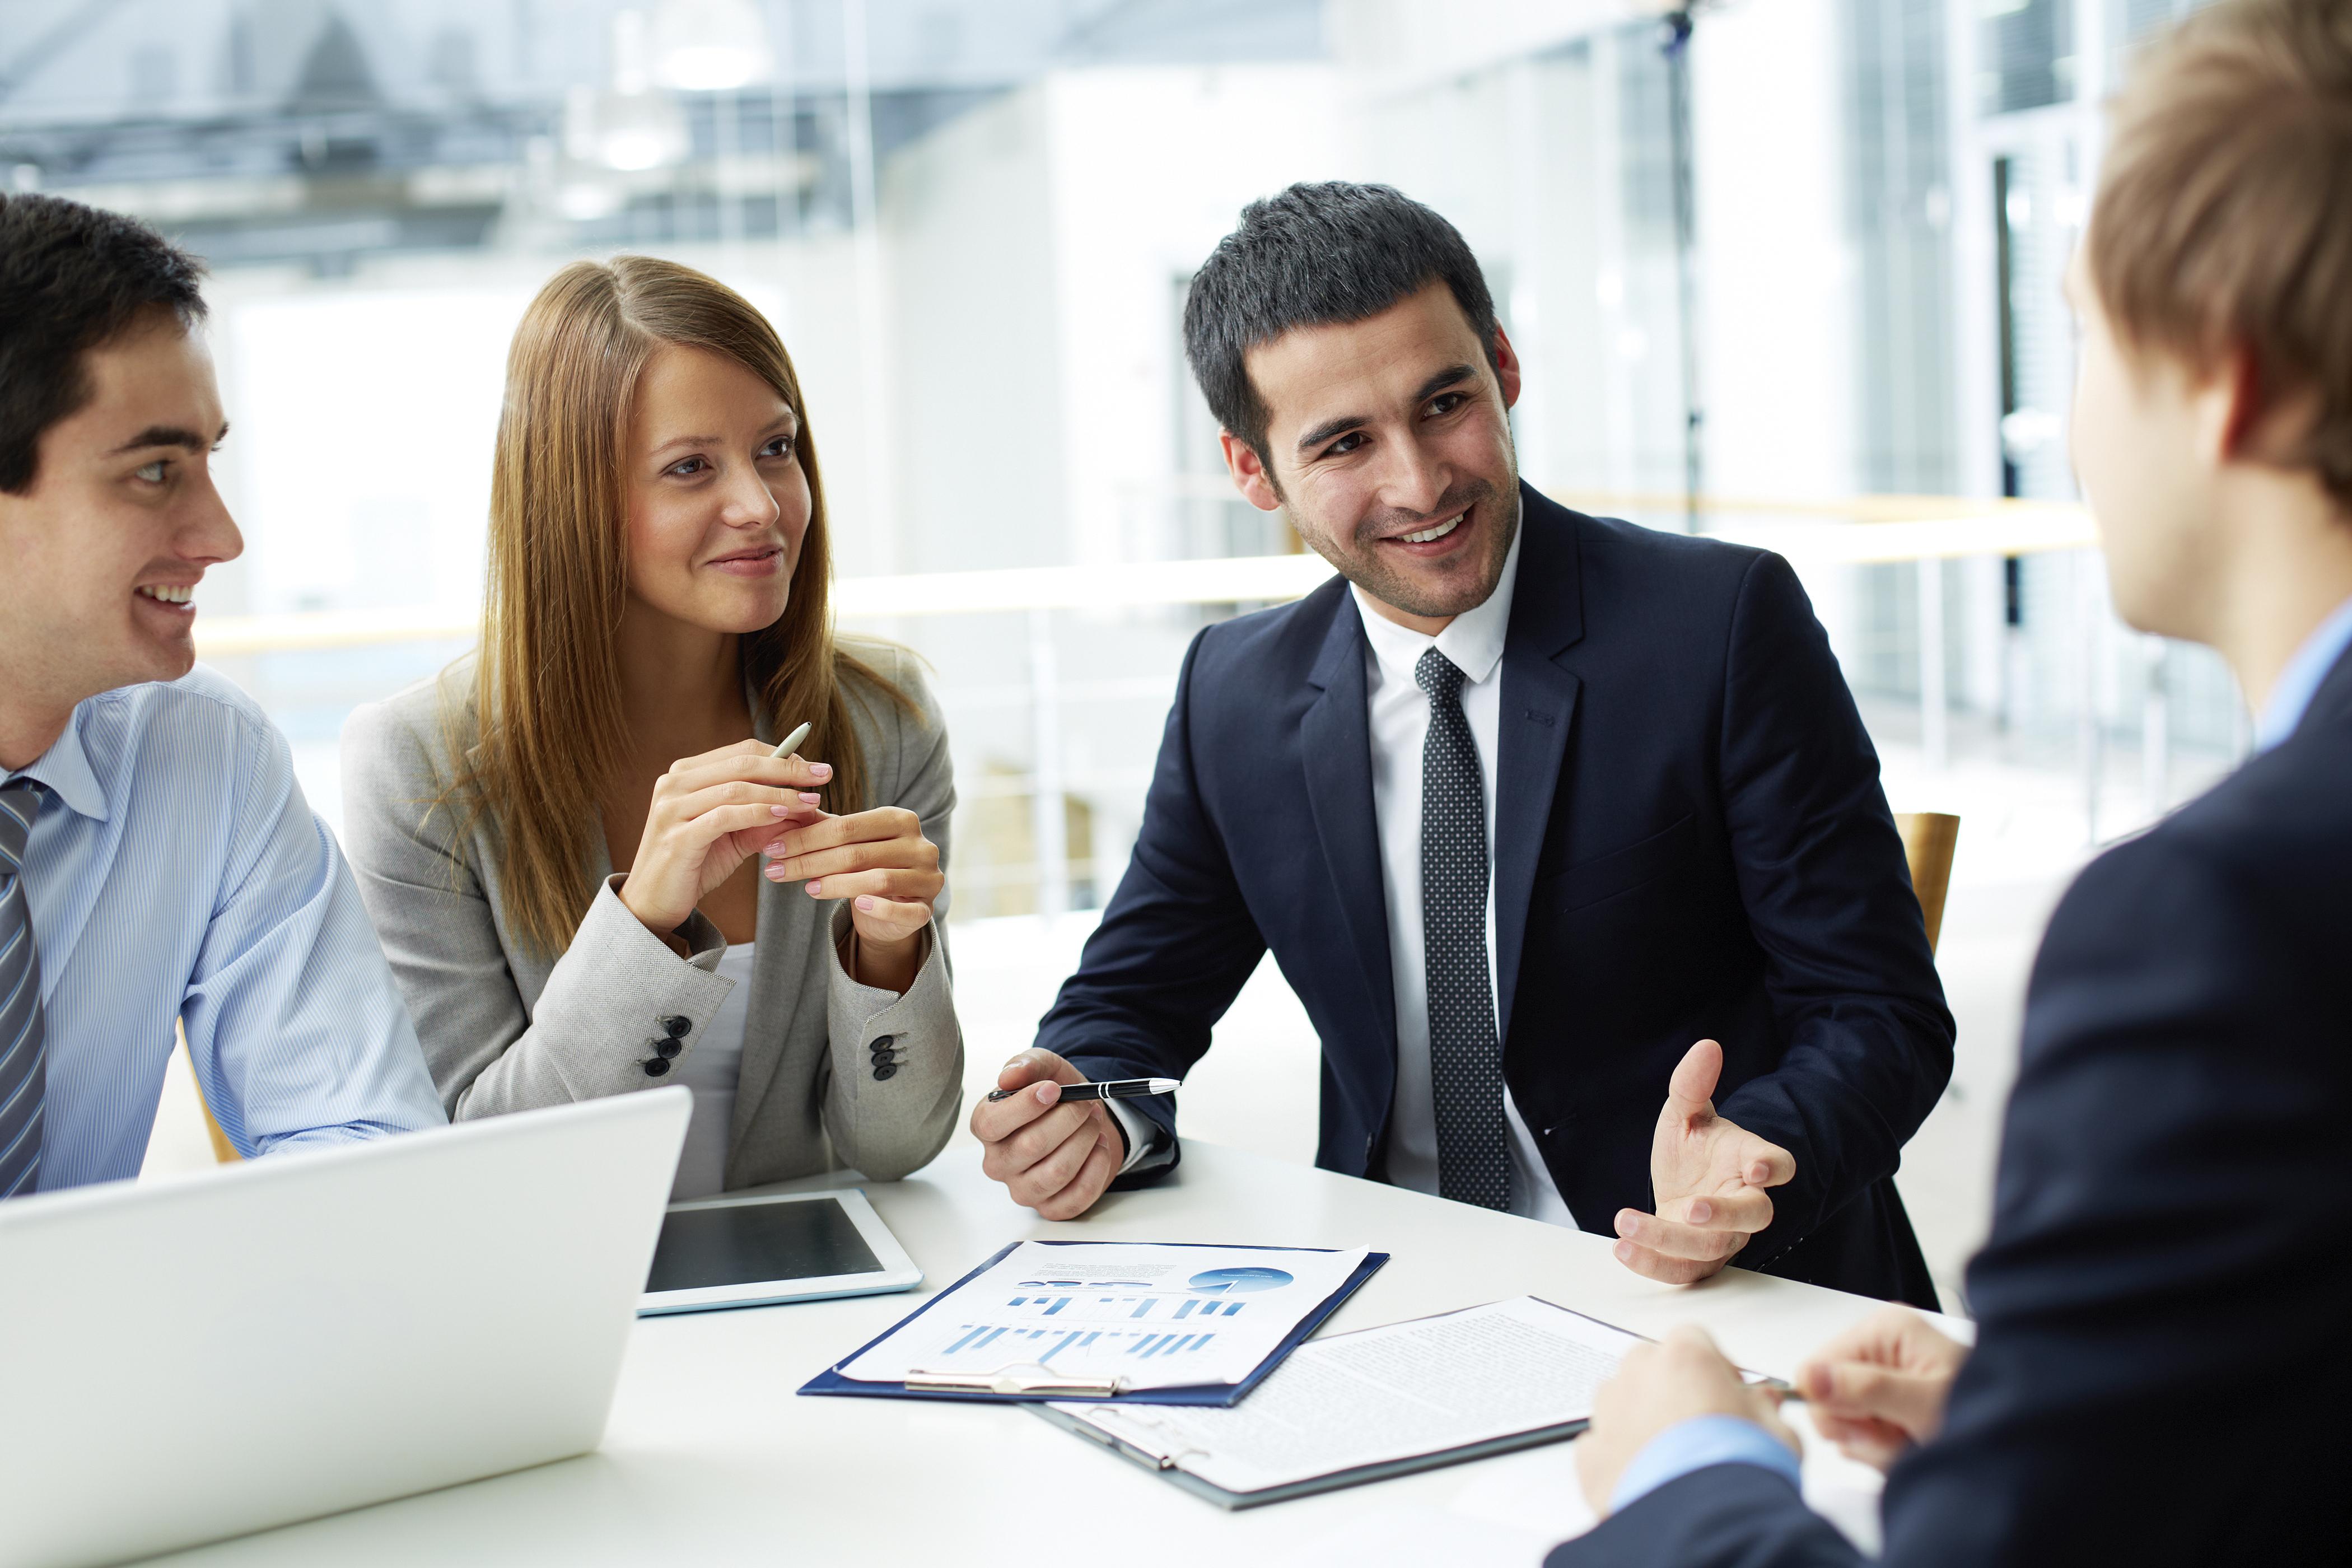 WikiHn.com - Một số bí quyết giúp ích bạn tạo ra ấn tượng tốt trong thời gian học việc